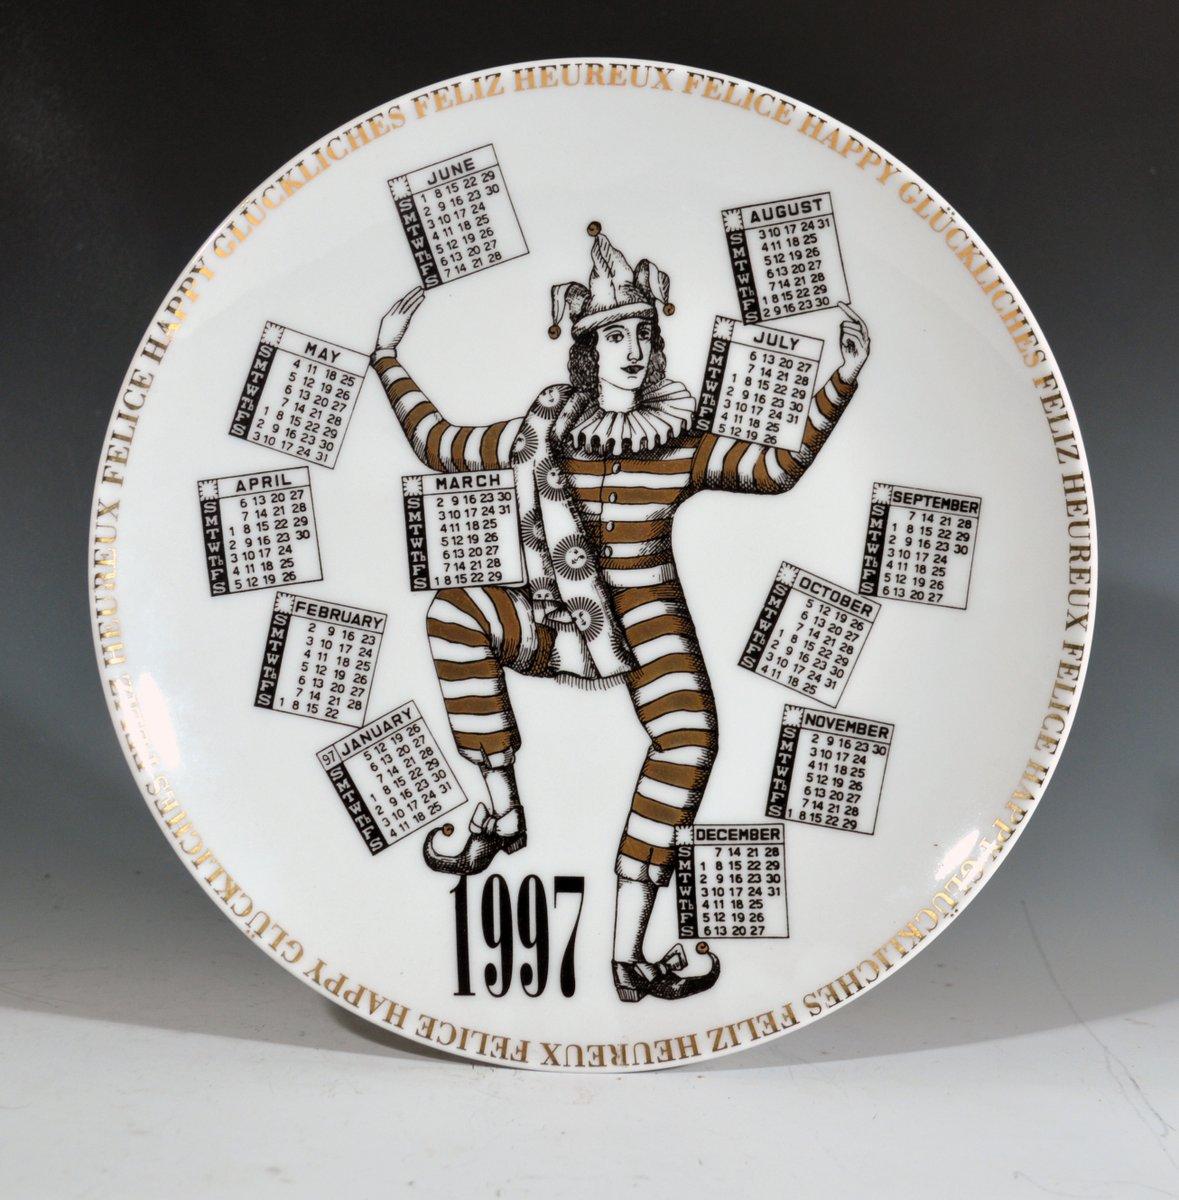 italienischer fornasetti teller mit 1997 jahreskalender von barnaba fornasetti 1996 bei pamono. Black Bedroom Furniture Sets. Home Design Ideas